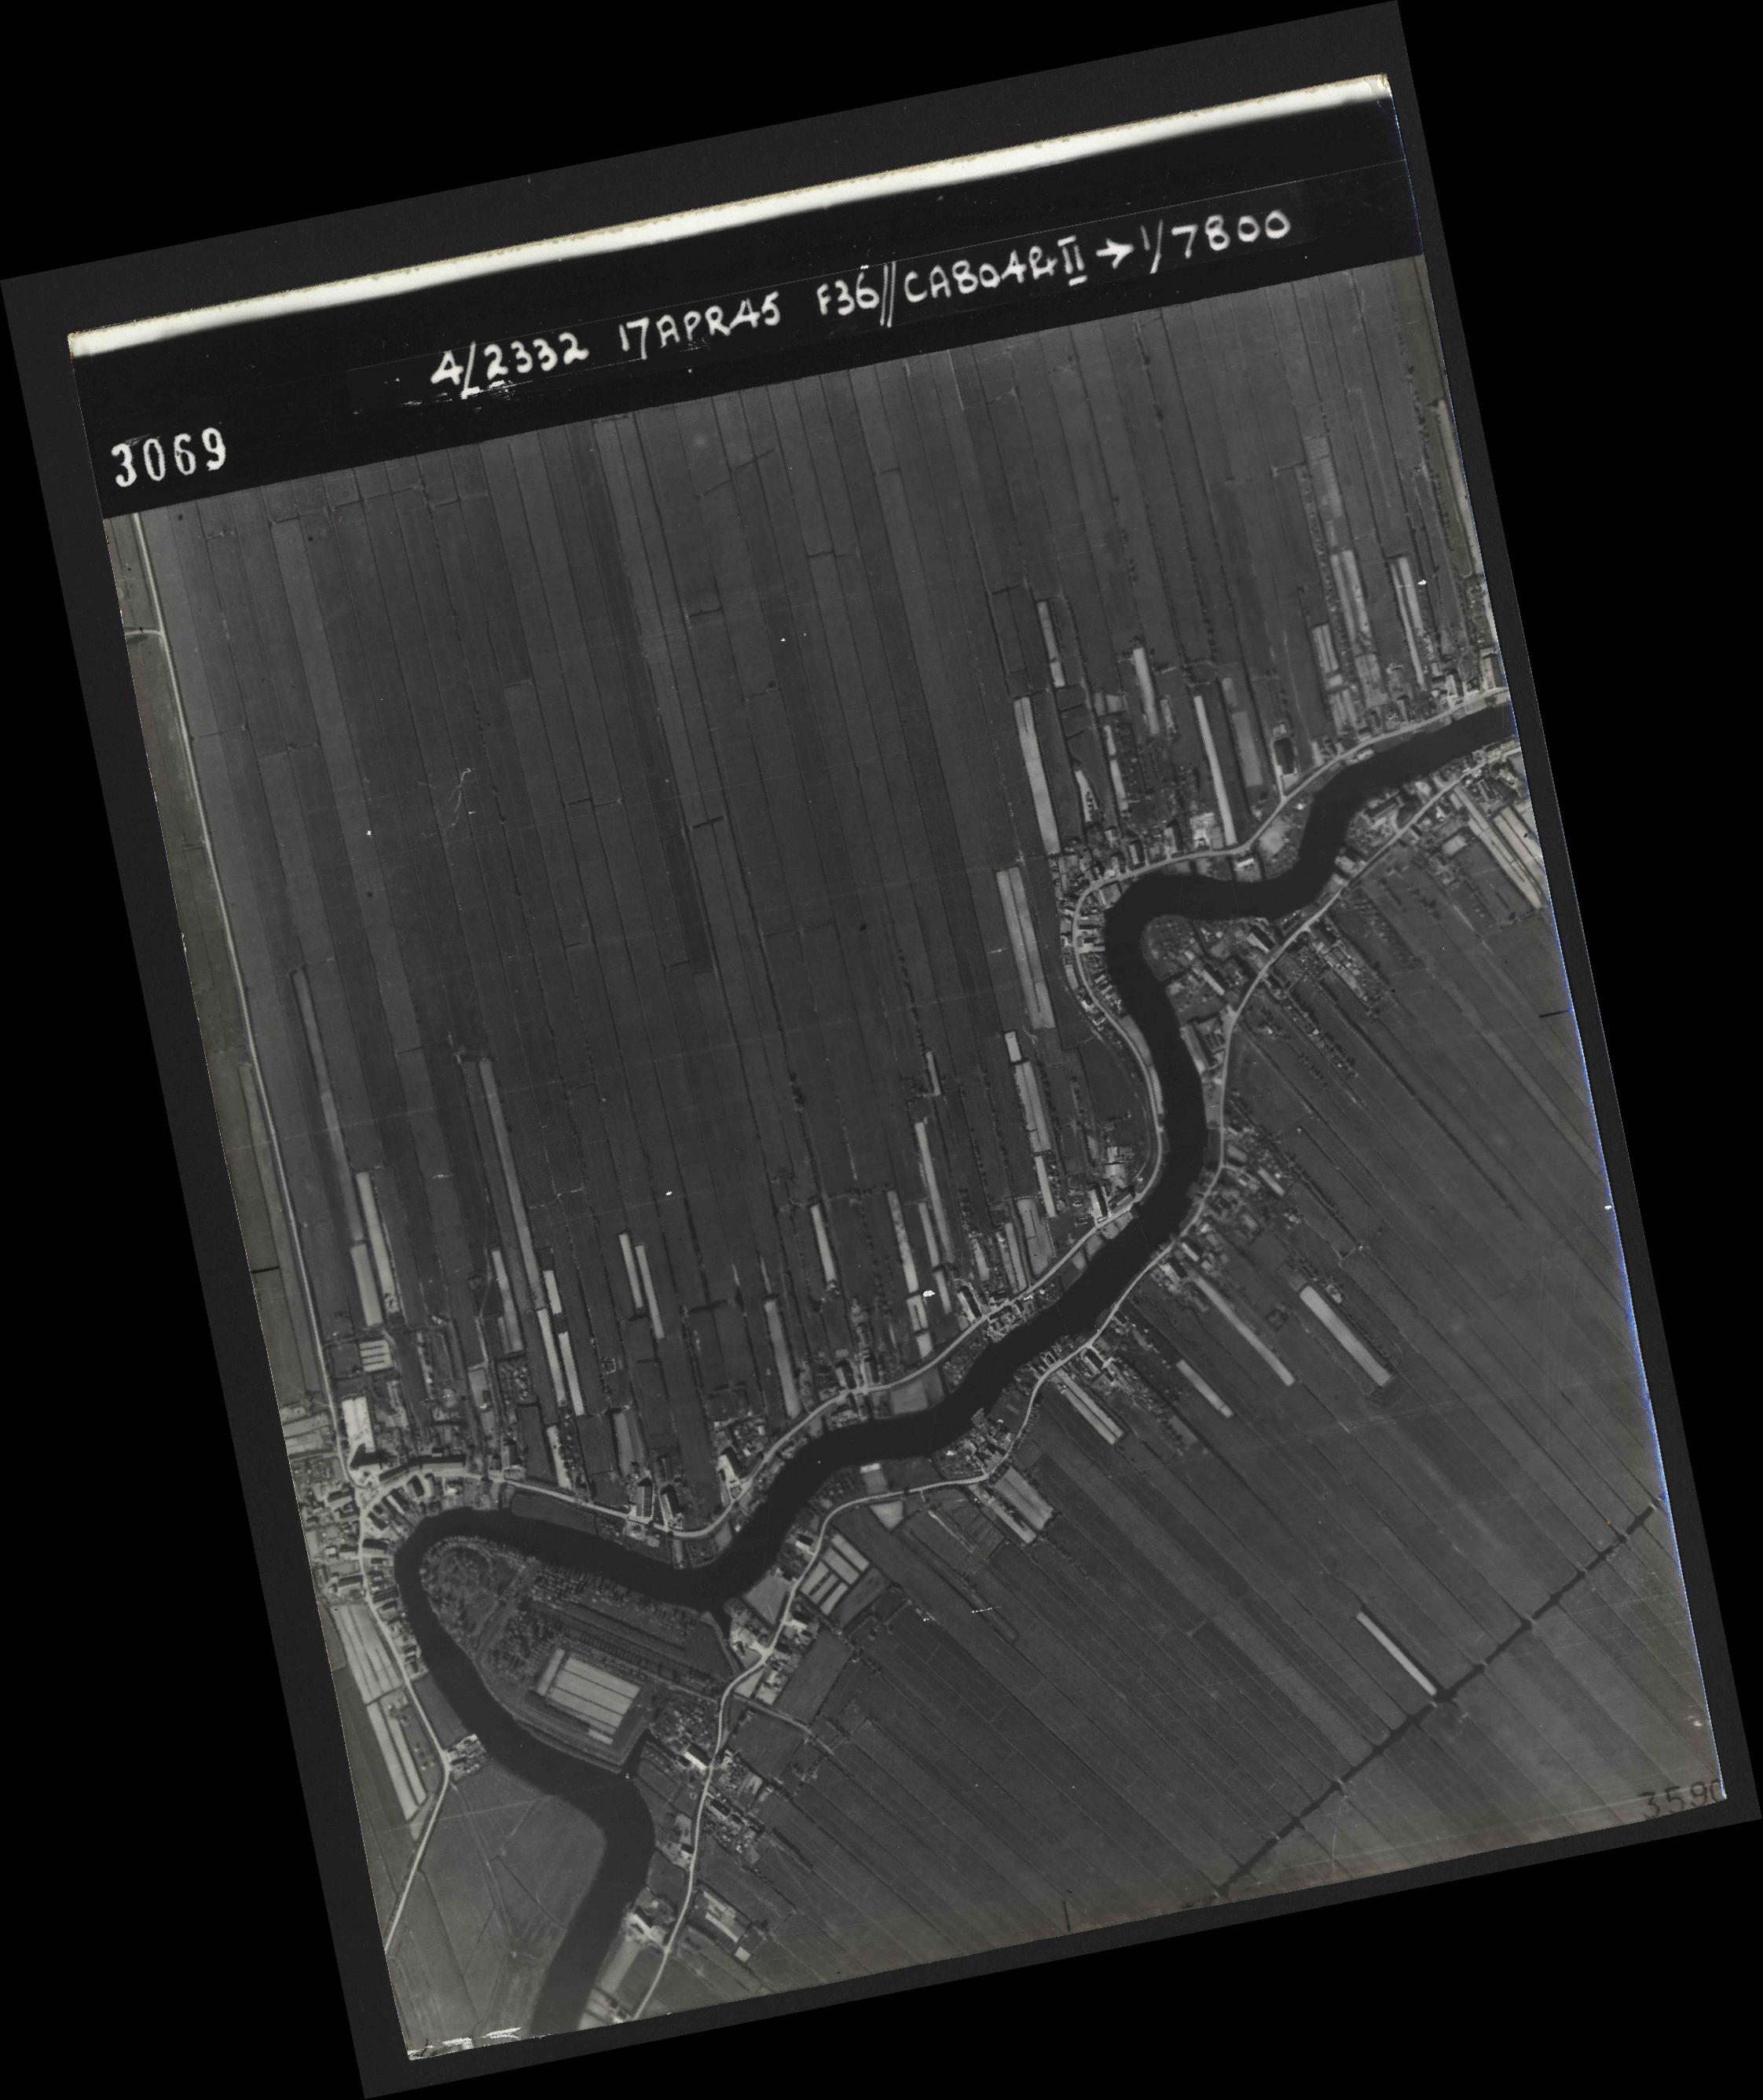 Collection RAF aerial photos 1940-1945 - flight 011, run 02, photo 3069